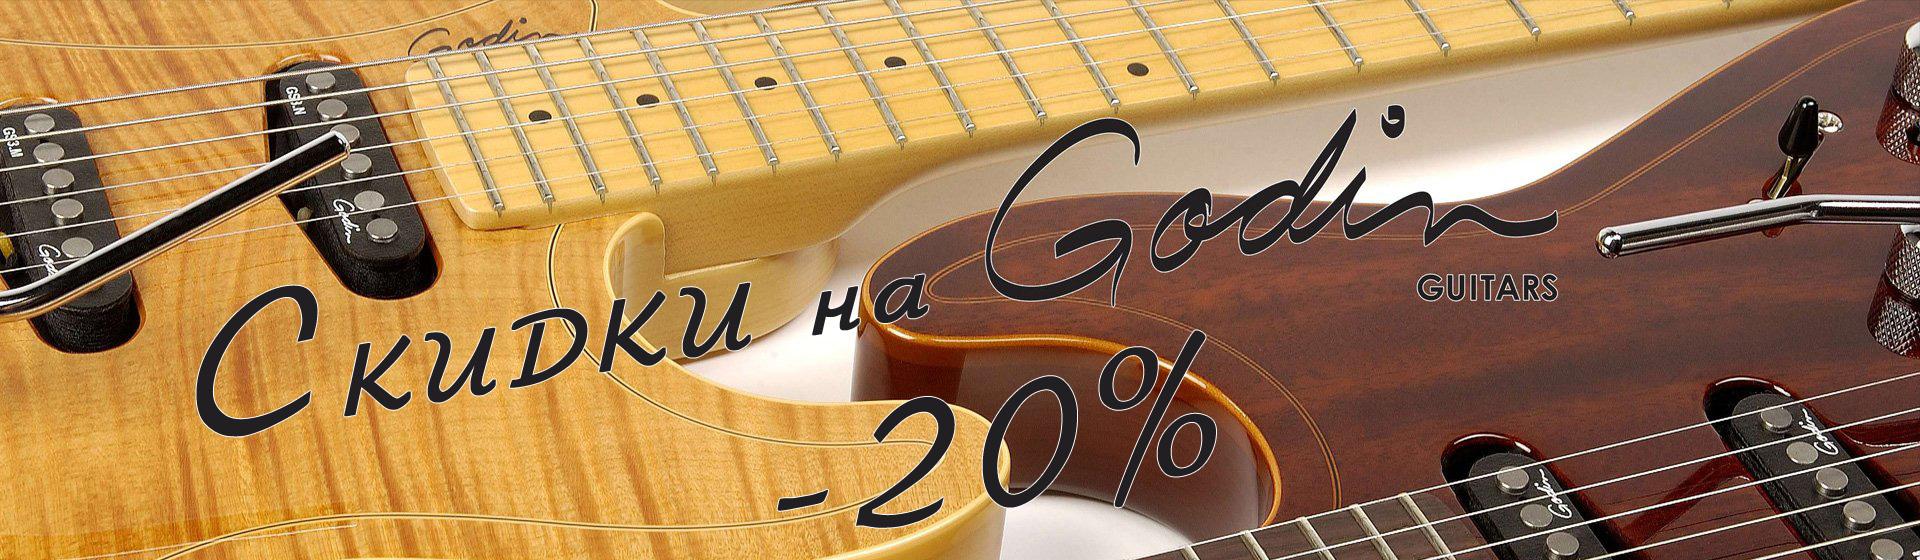 Godin - скидки 20%